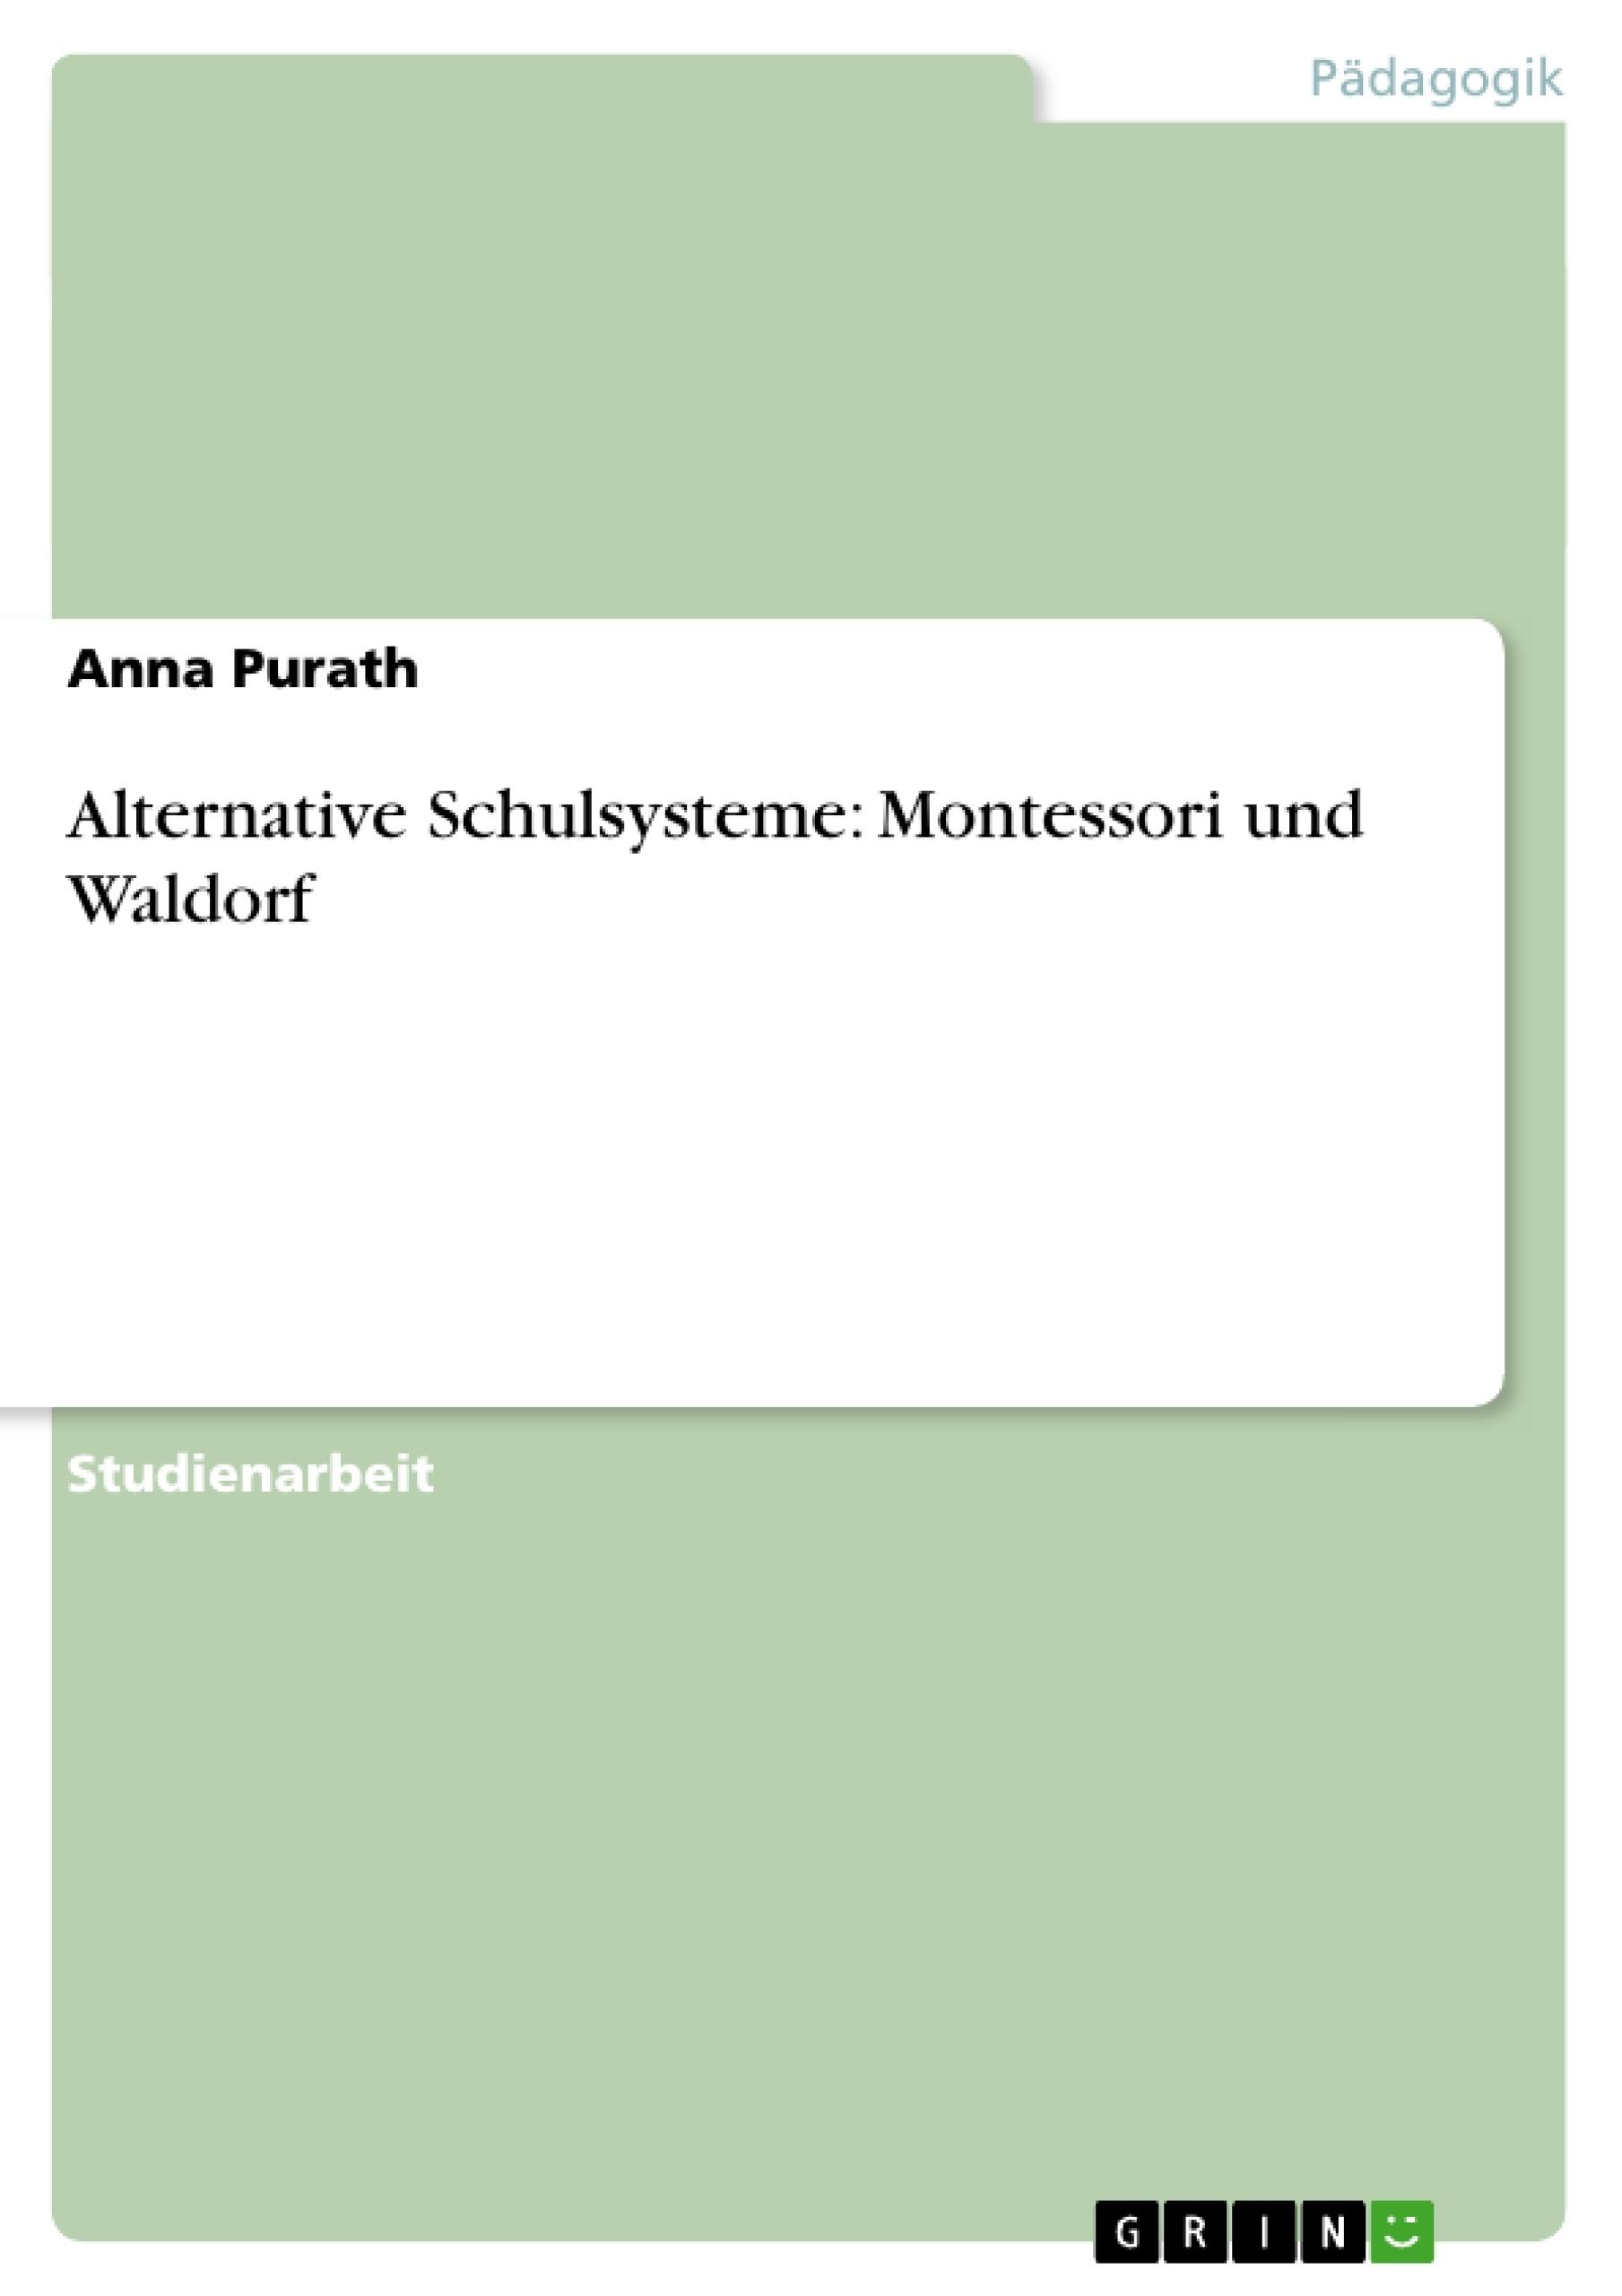 Titel: Alternative Schulsysteme: Montessori und Waldorf